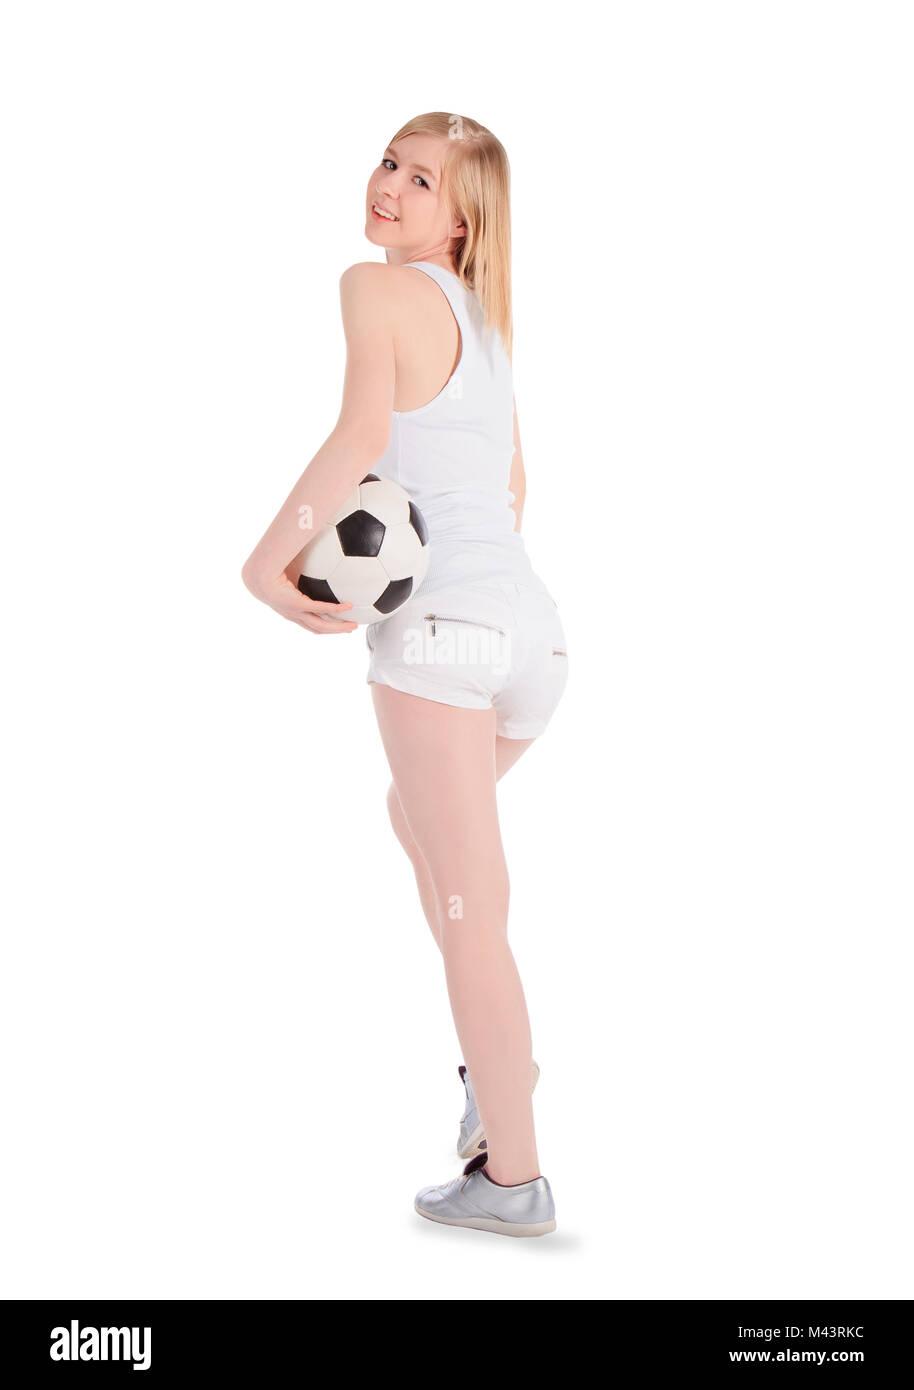 ef7d473ed2c22 Jóvenes mujeres caucásicas con balón de fútbol sobre fondo blanco. Imagen  De Stock